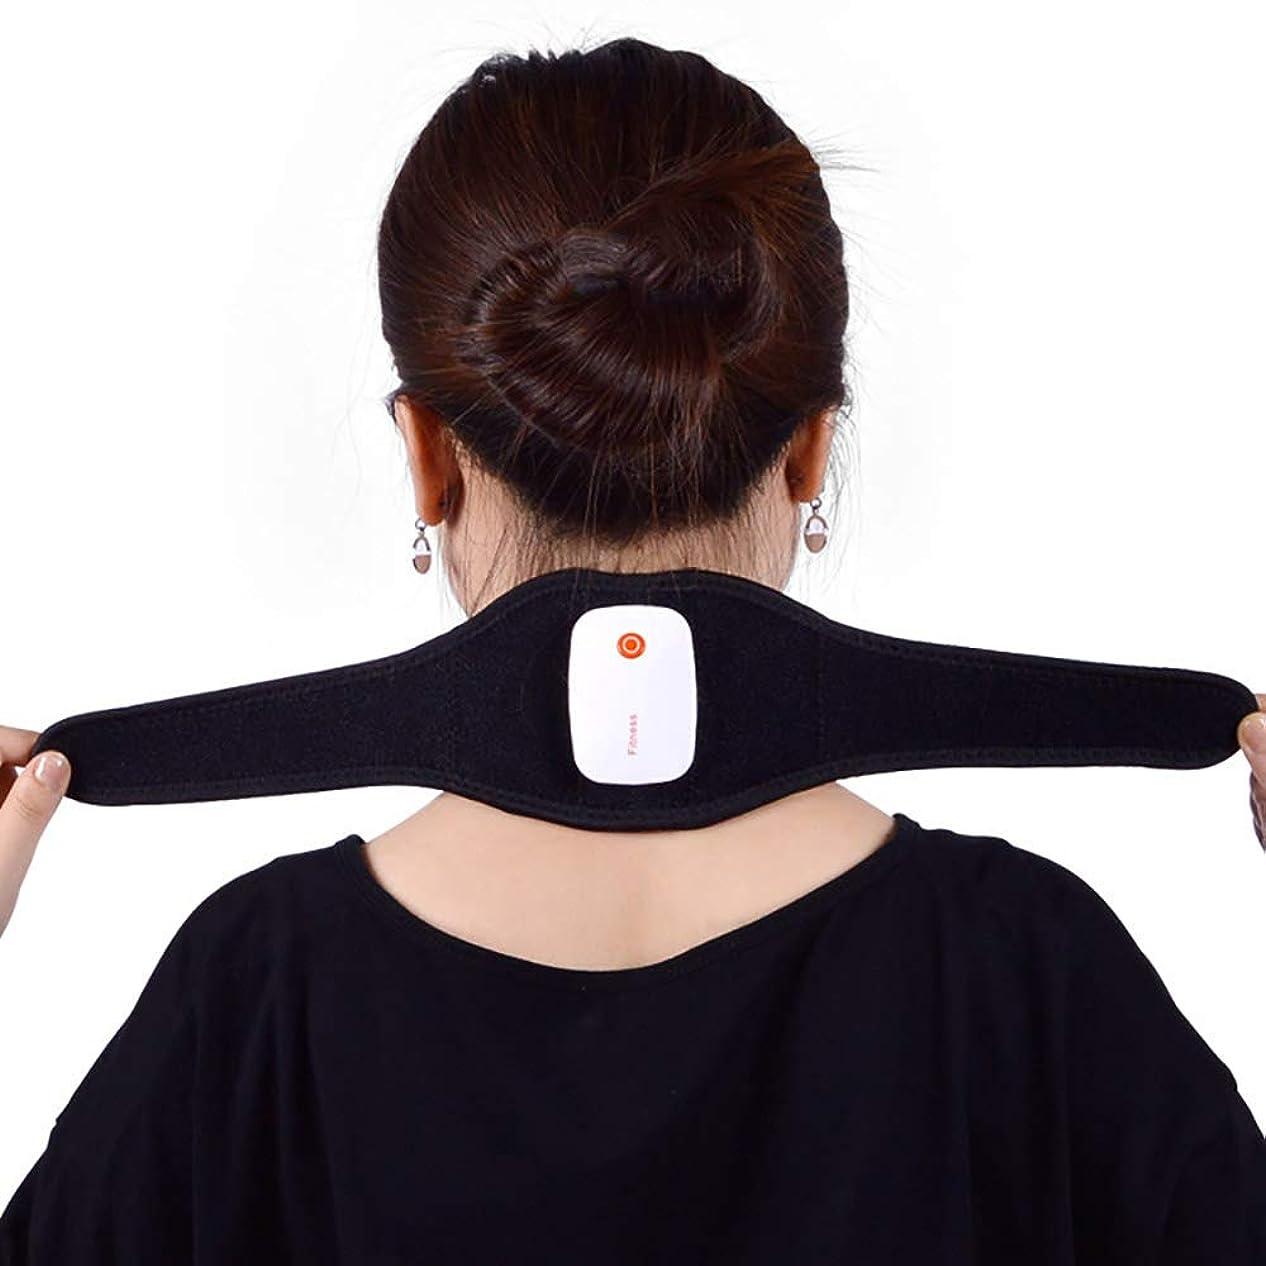 リフレッシュ悪いクライマックスUSB頚部首の肩のマッサージャー、APPのスマートな頚部マッサージャーの多機能の脈拍の首の理学療法のマッサージャー電気暖房+自己発熱の遠赤外線のサーモセラピーの技術